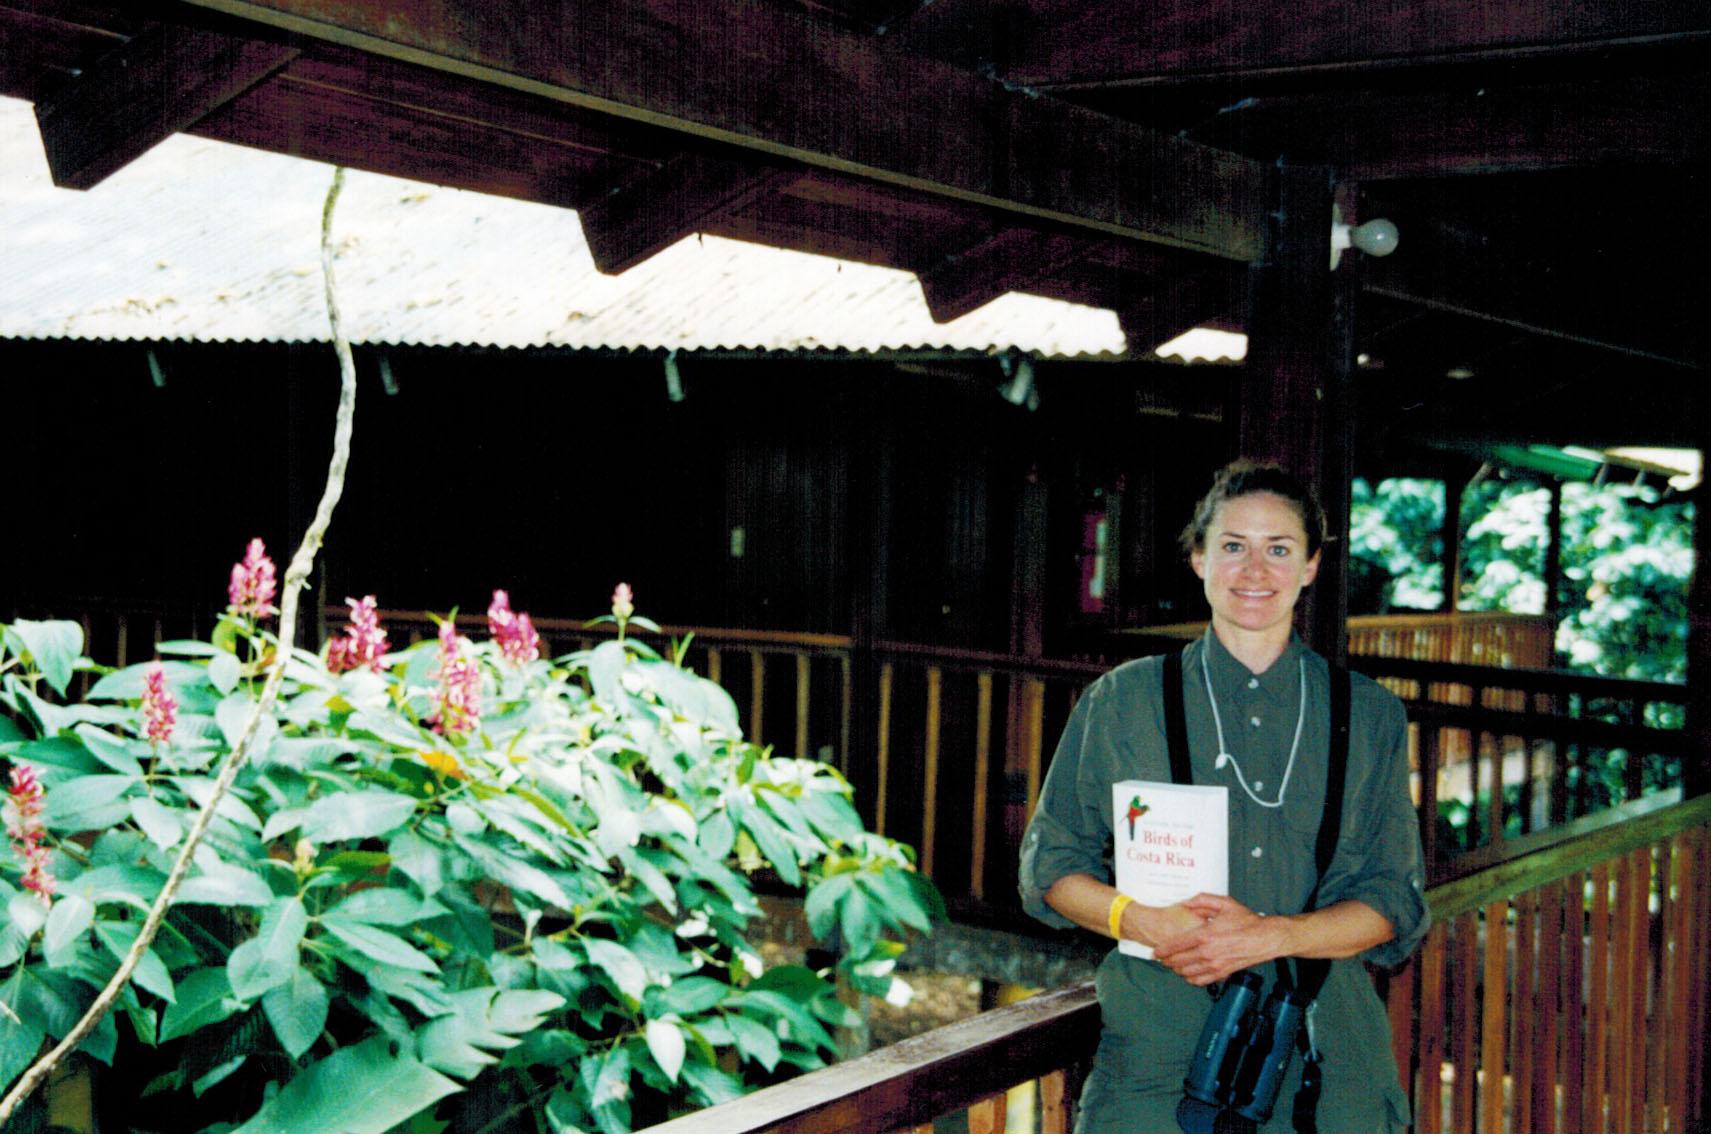 Christi at La Selva in Costa Rica